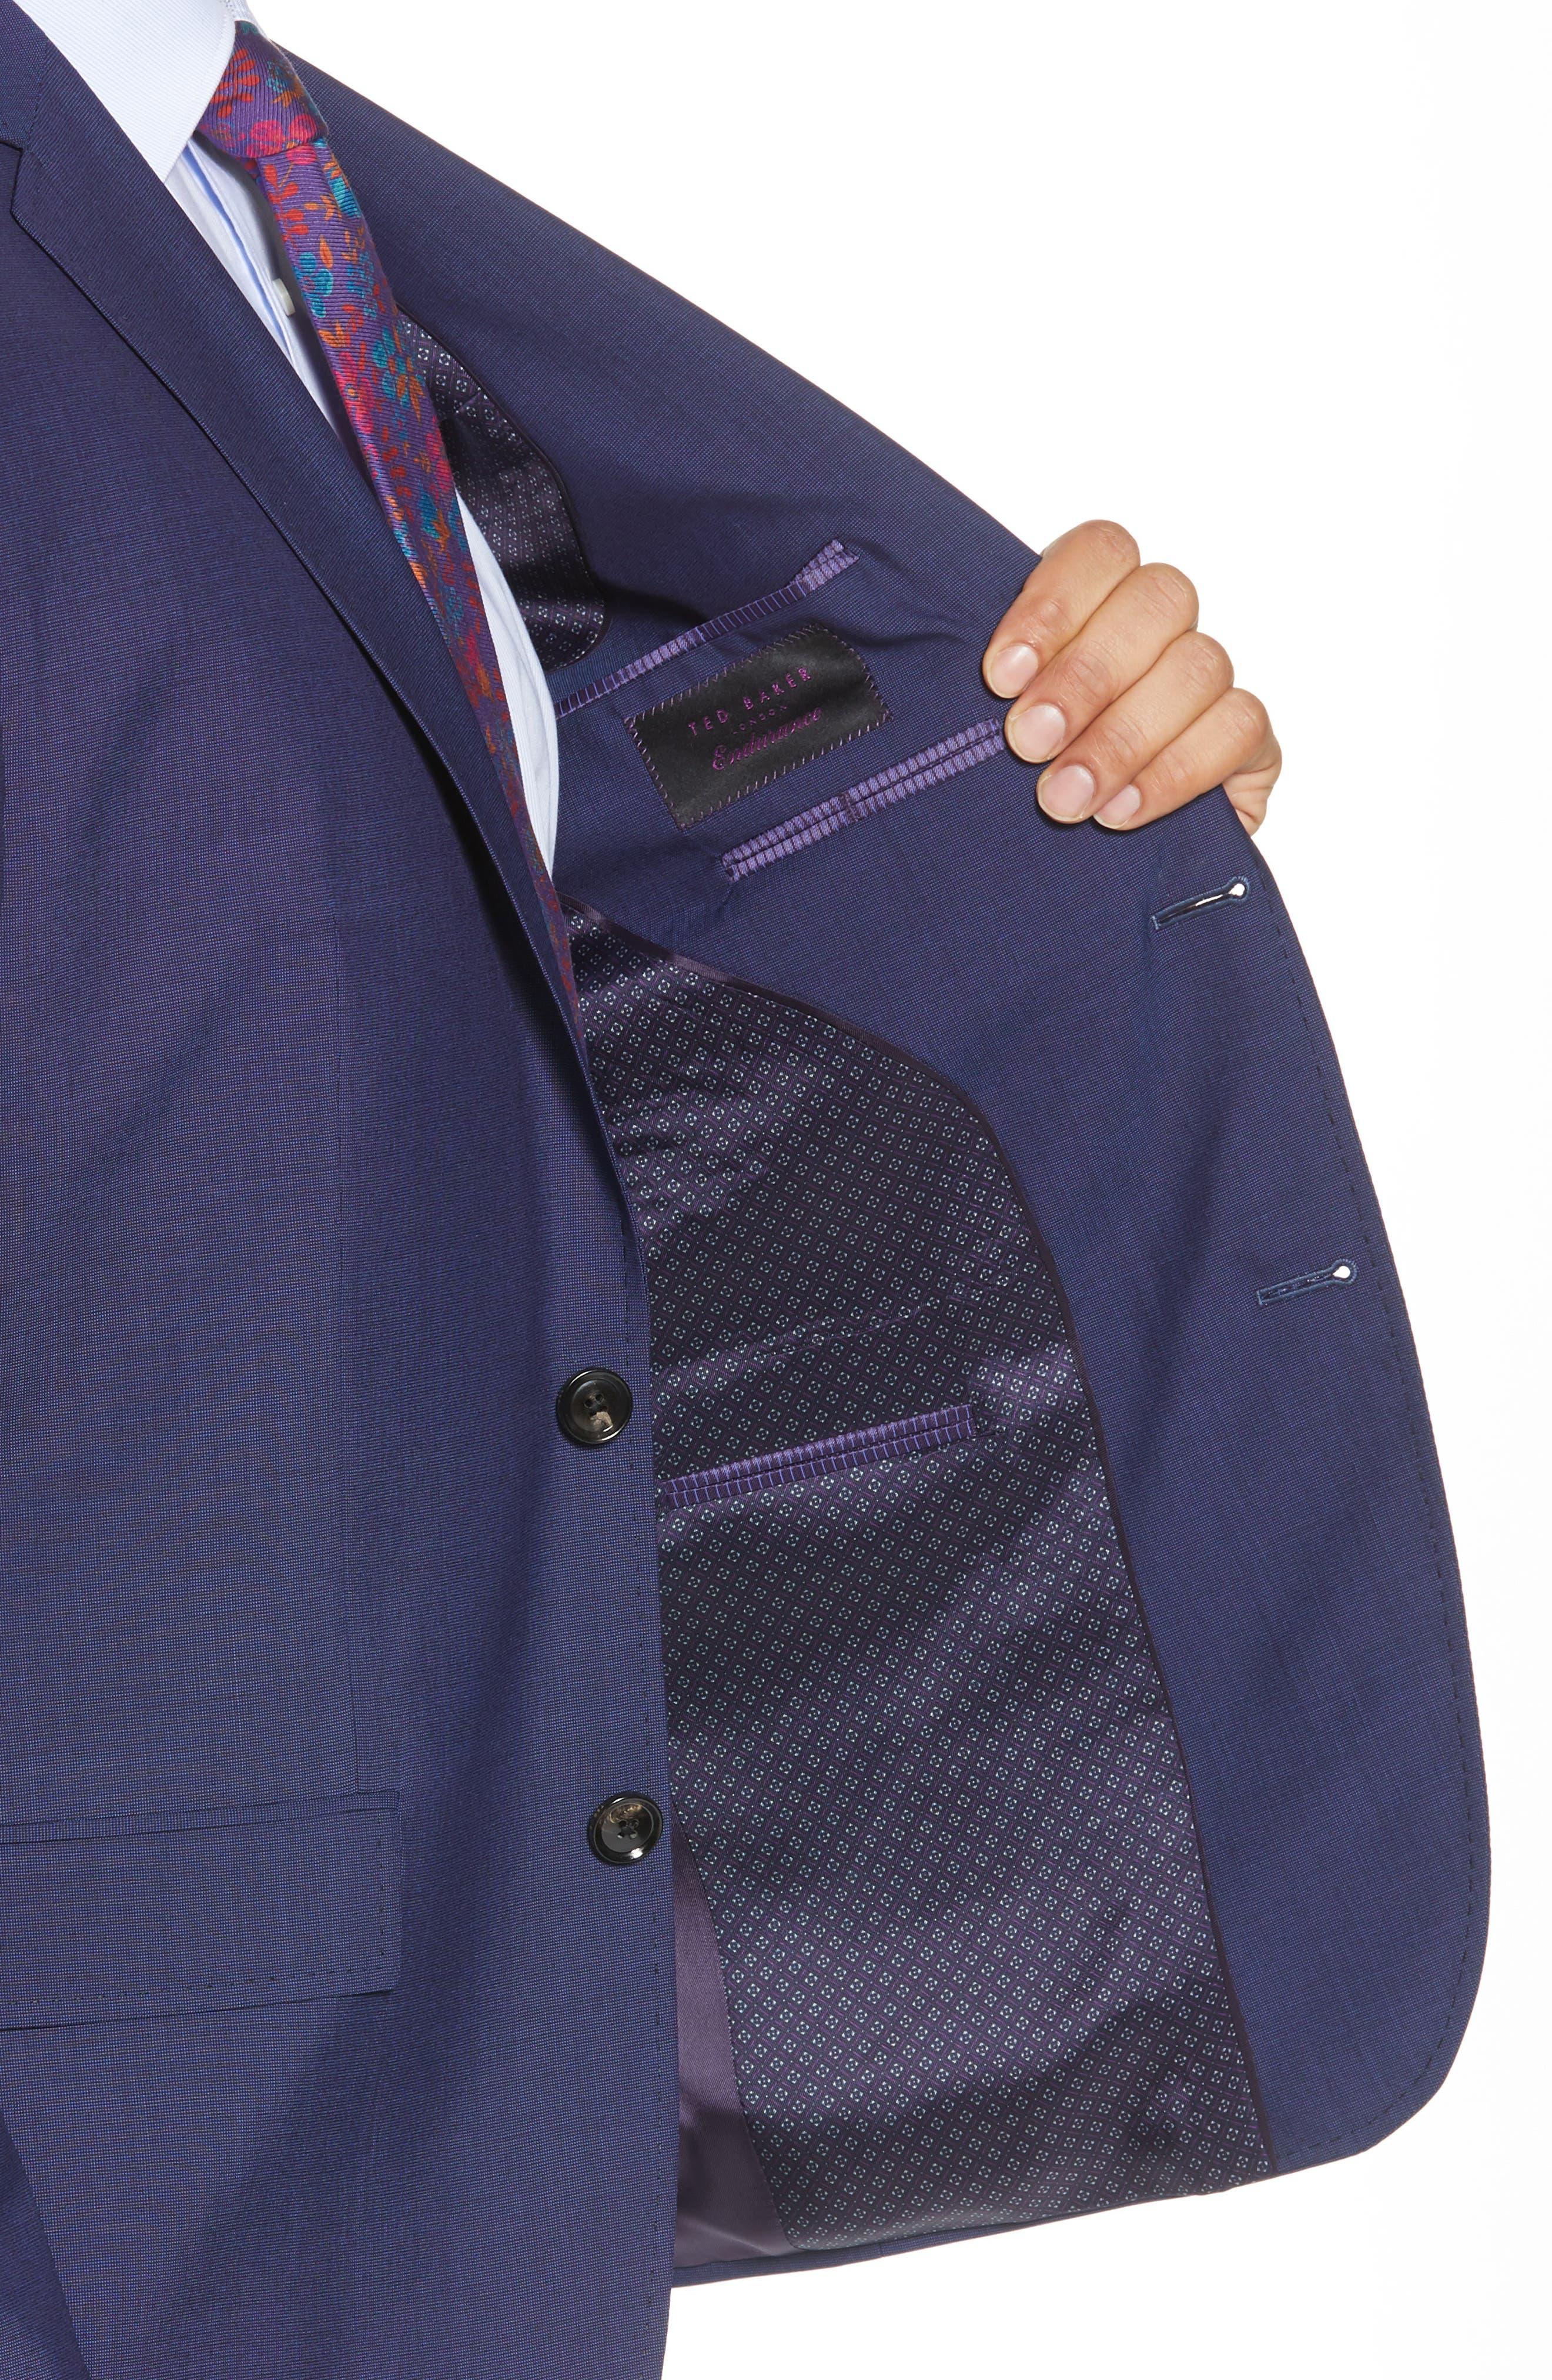 TED BAKER LONDON, Jay Trim Fit Suit, Alternate thumbnail 4, color, BLUE